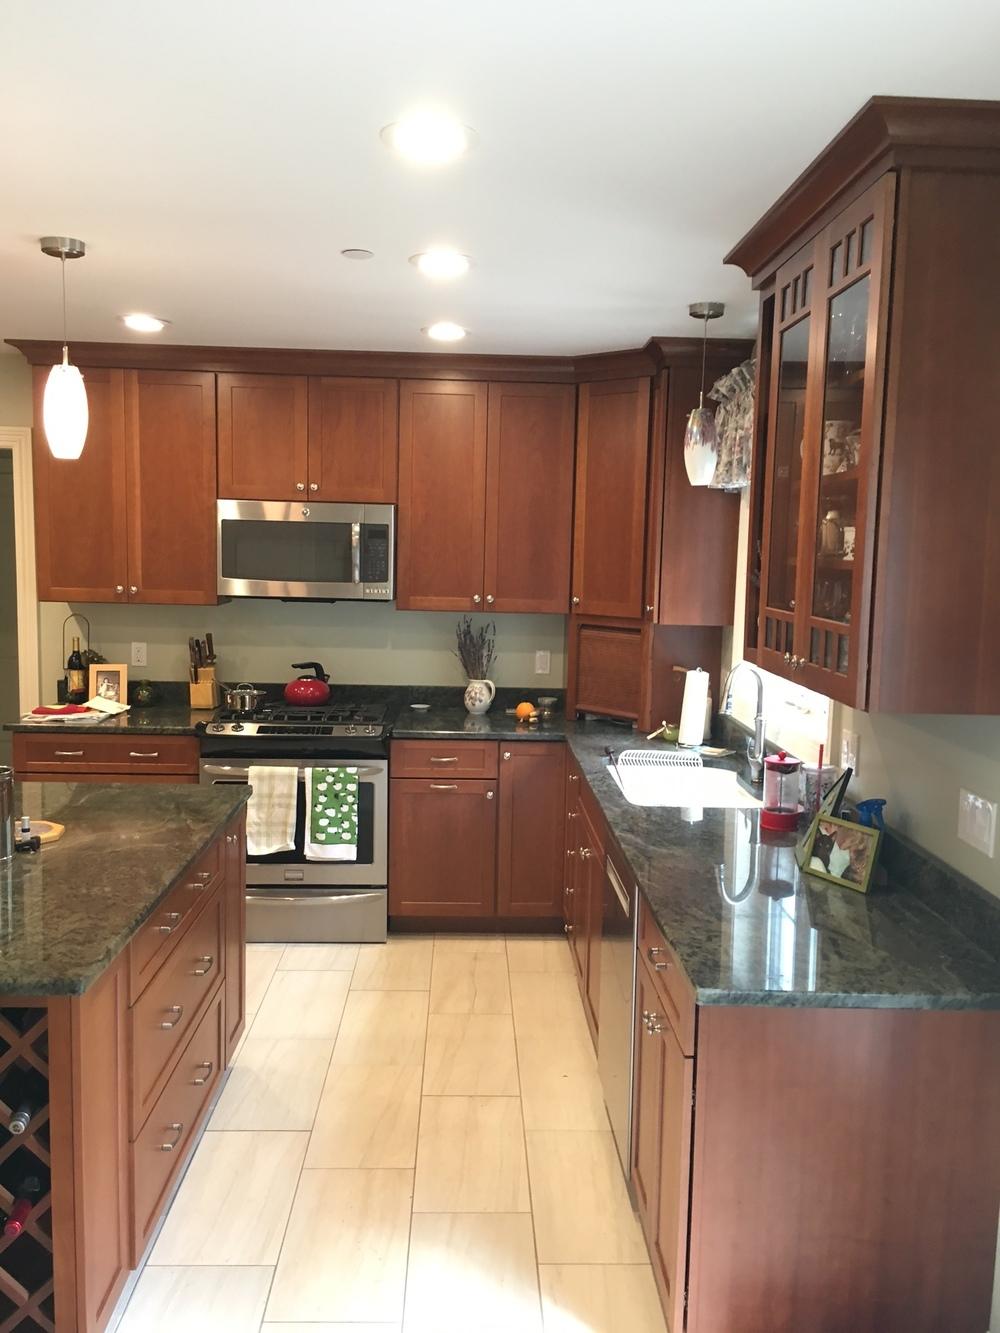 kitchen_2a.JPG